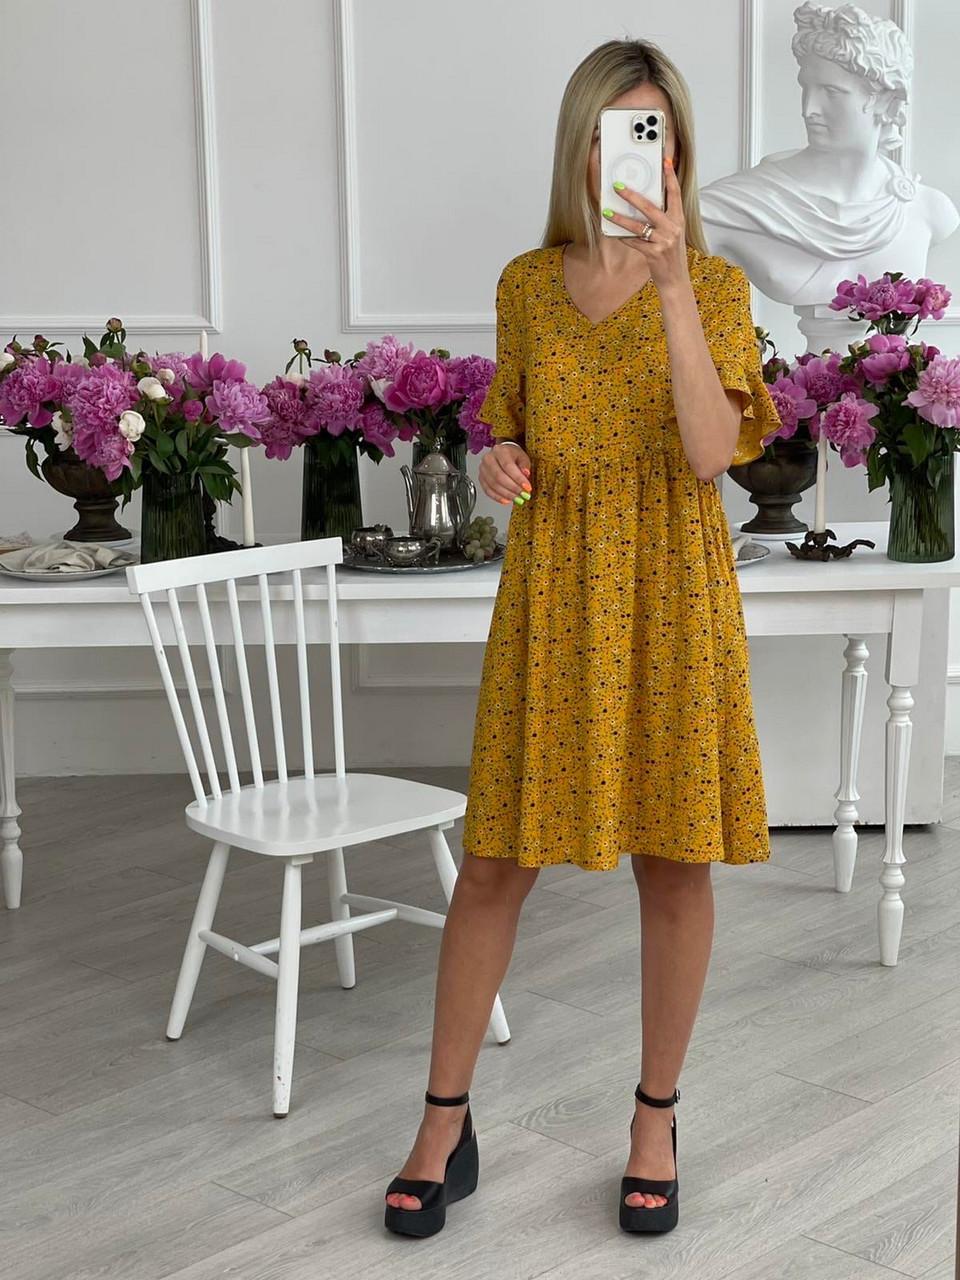 Женское платье до колен, цветочный принт, из штапеля с рукавом до локтя, 01022 (Горчичный), Размер 42 (S)